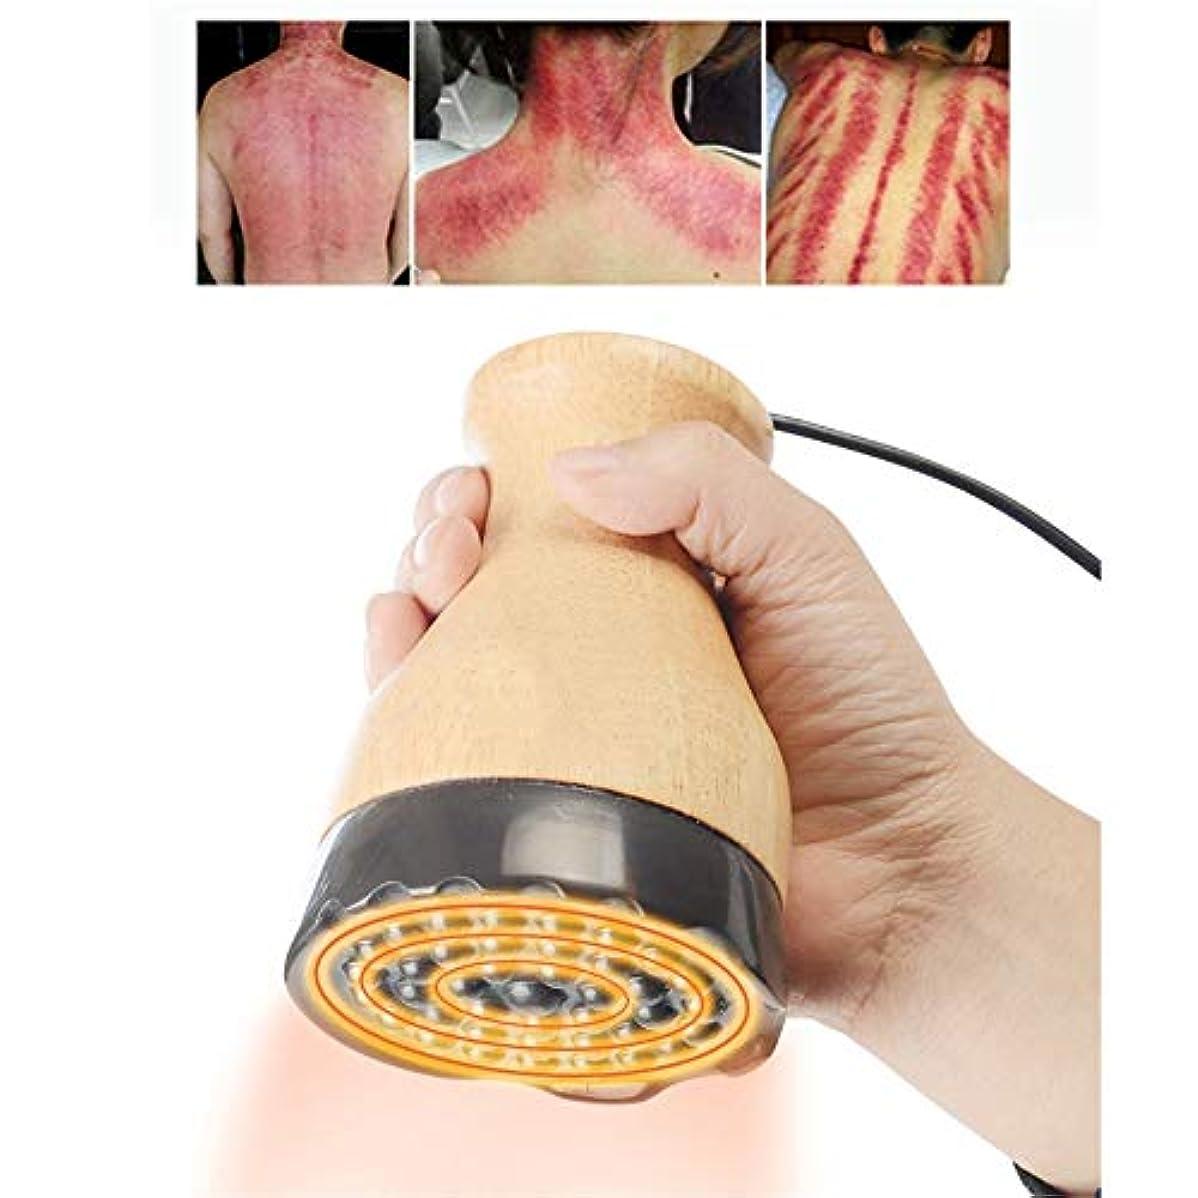 ウェブ嵐疫病ボディ解毒、痛みや減量脂肪バーナーのための1つのホットスクレイピングカッピングセラピー電気マッサージ器内の負圧マッサージ、3